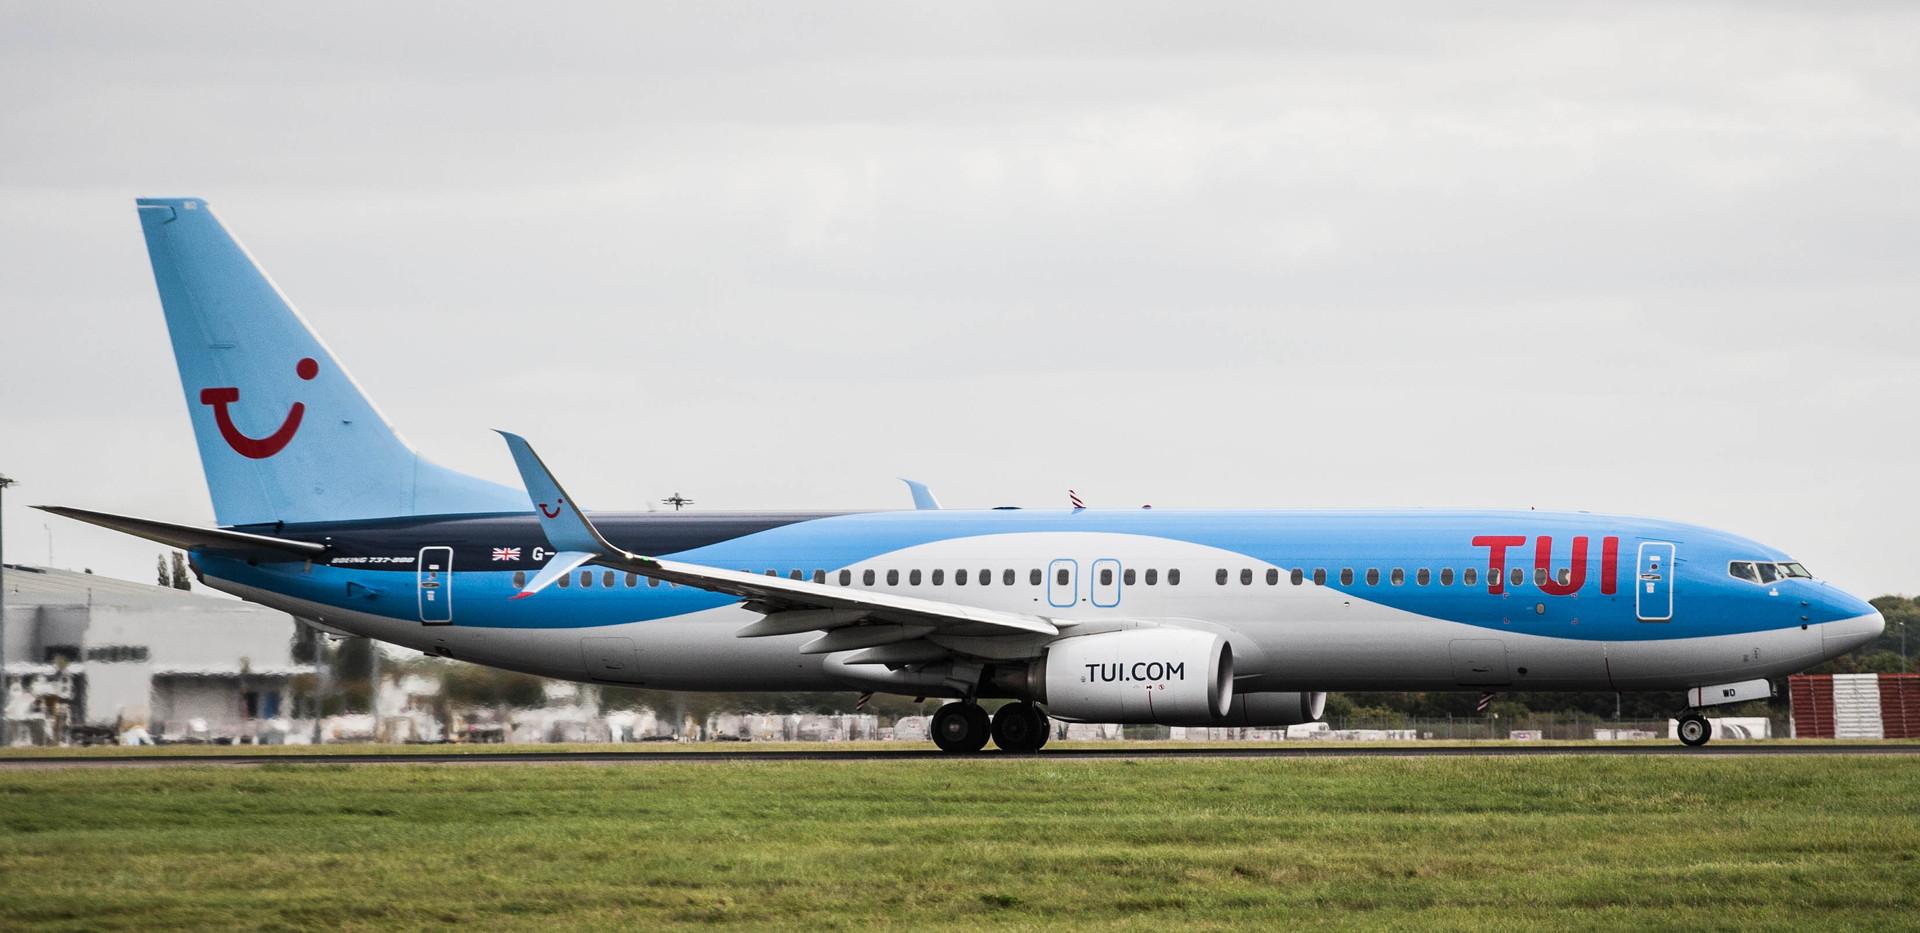 Boeing 737 Next Gen - MSN 37265 - C-GFWD